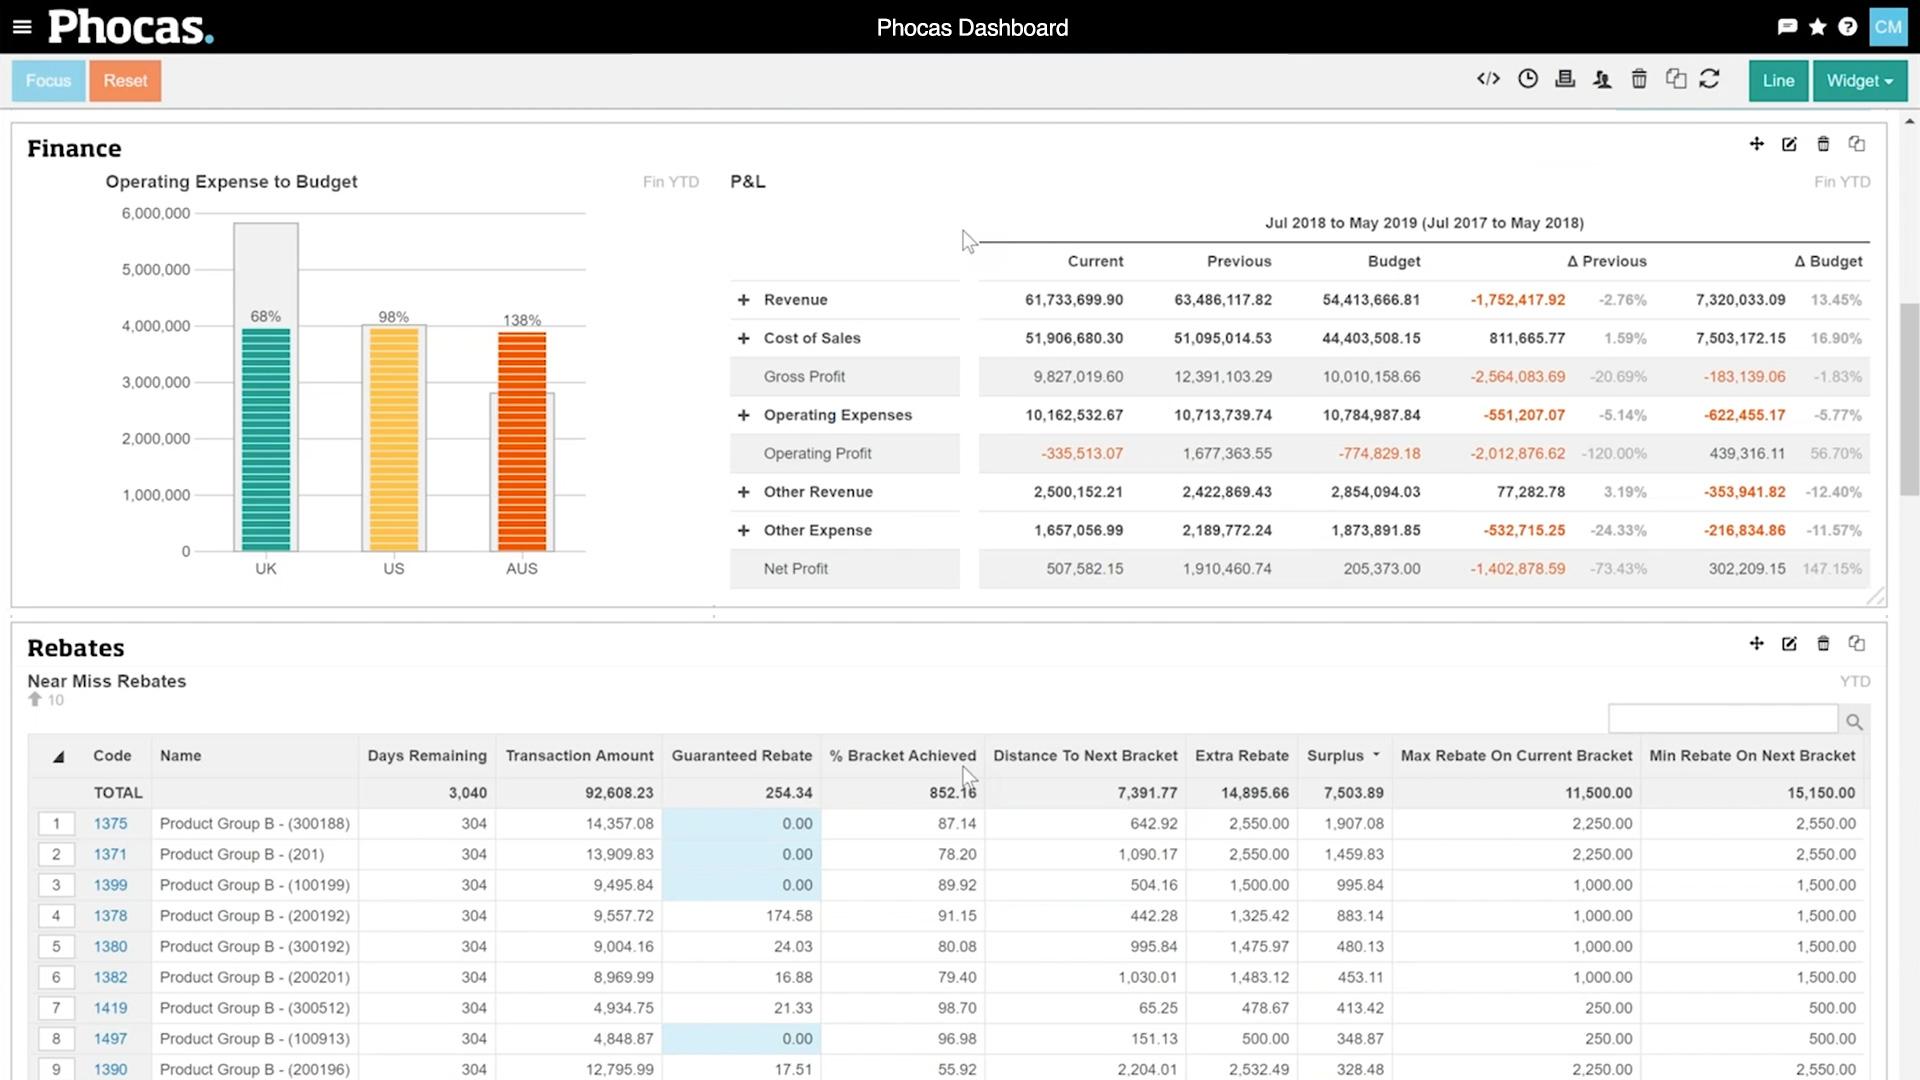 Finance rebates dashboard